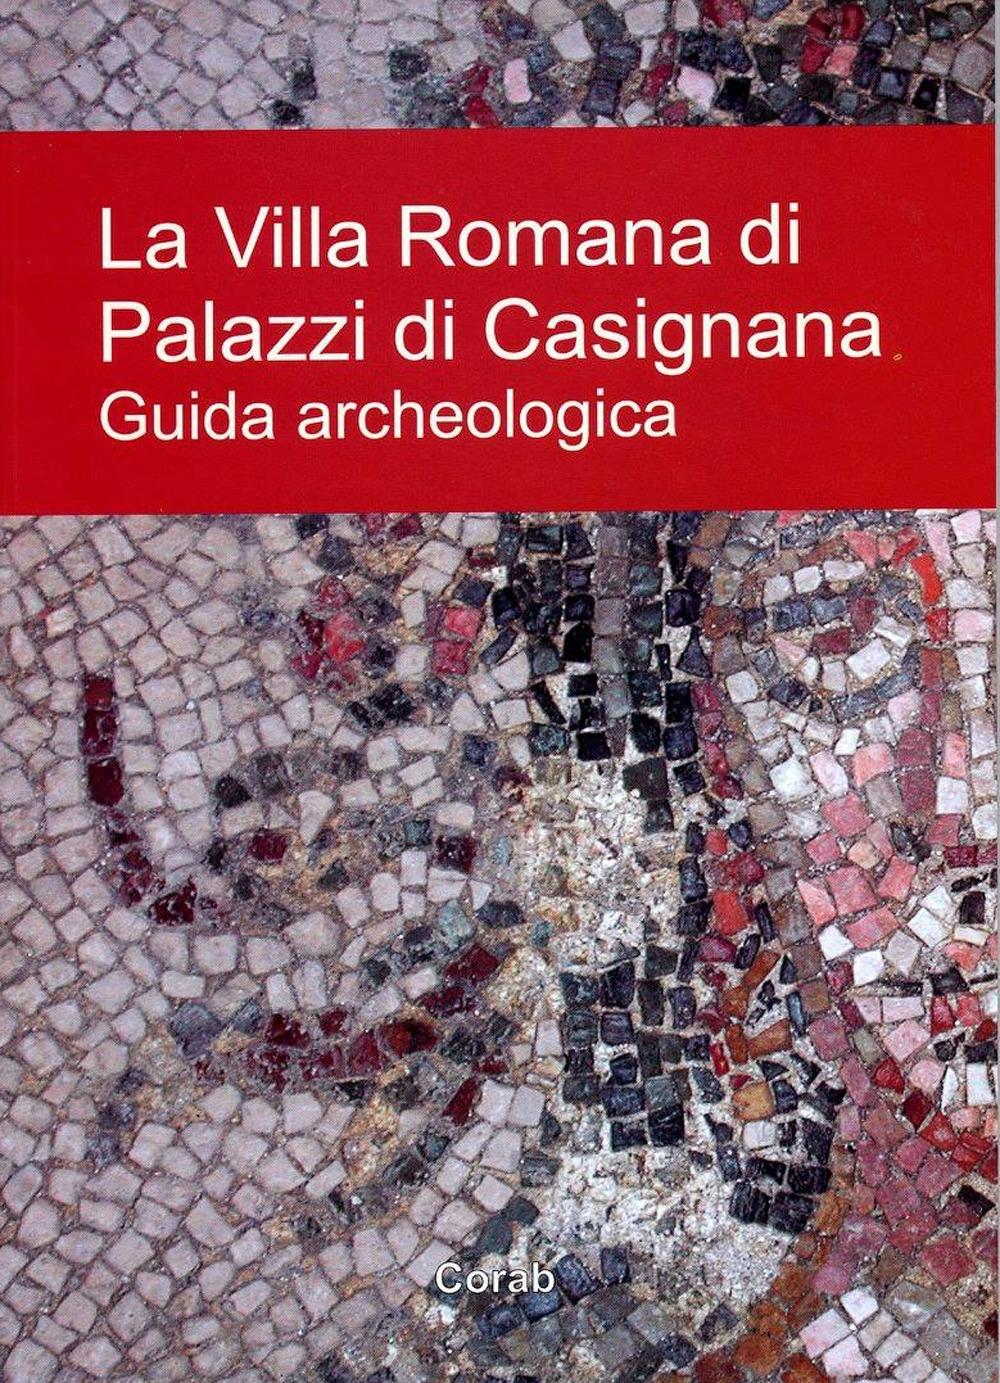 La Villa Romana di Palazzi di Casignana. Guida archeologica